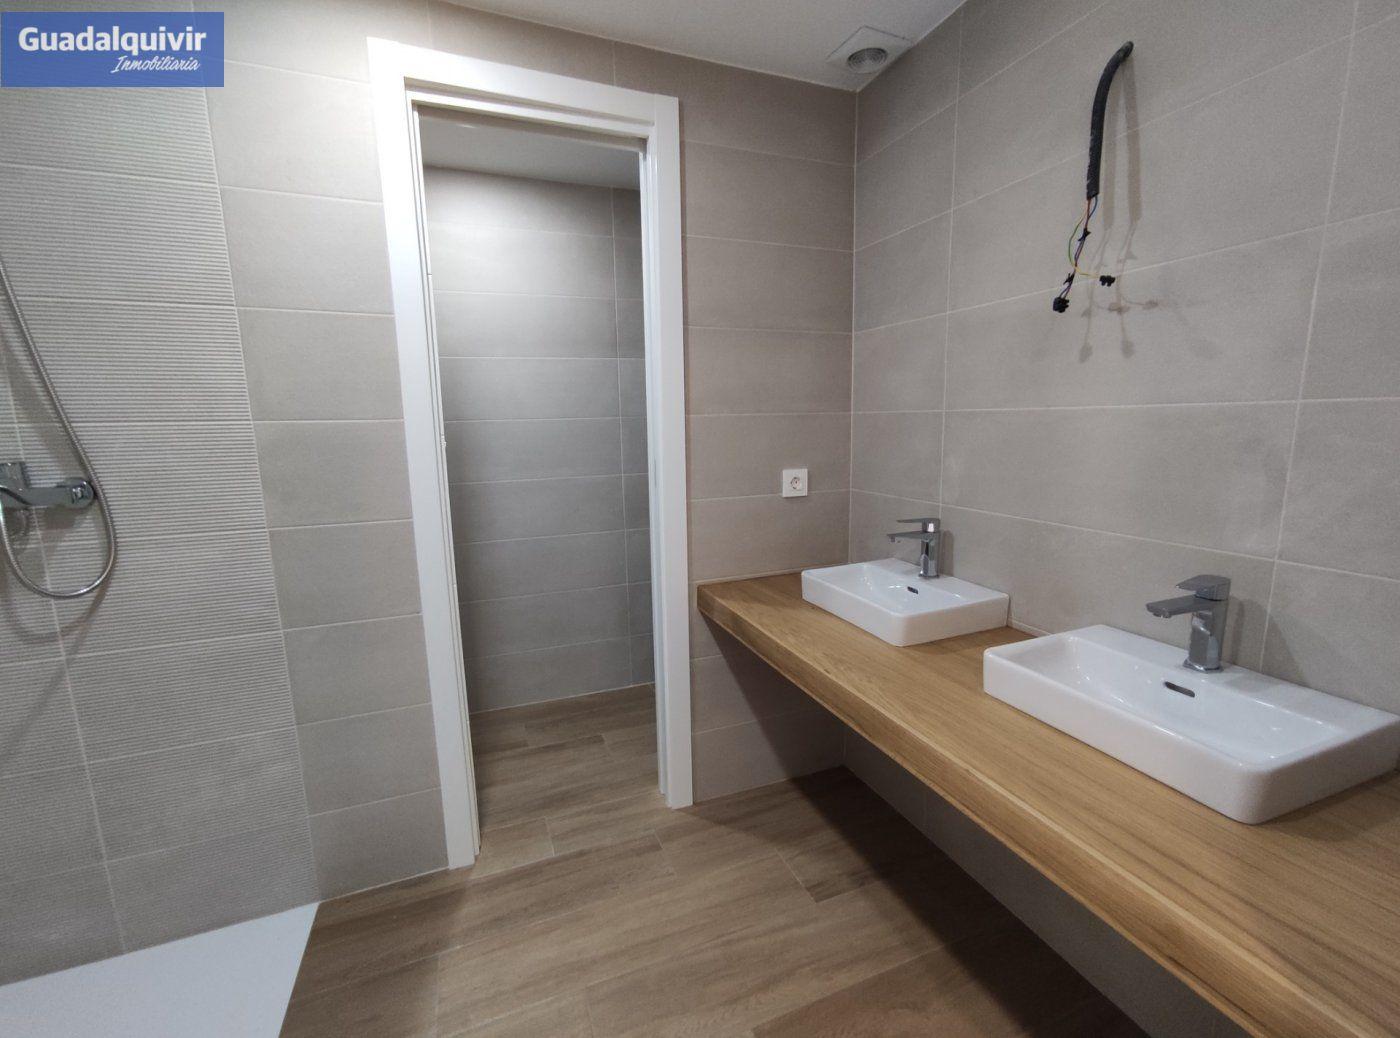 piso en sevilla · plaza-de-cuba---republica-argentina 370000€